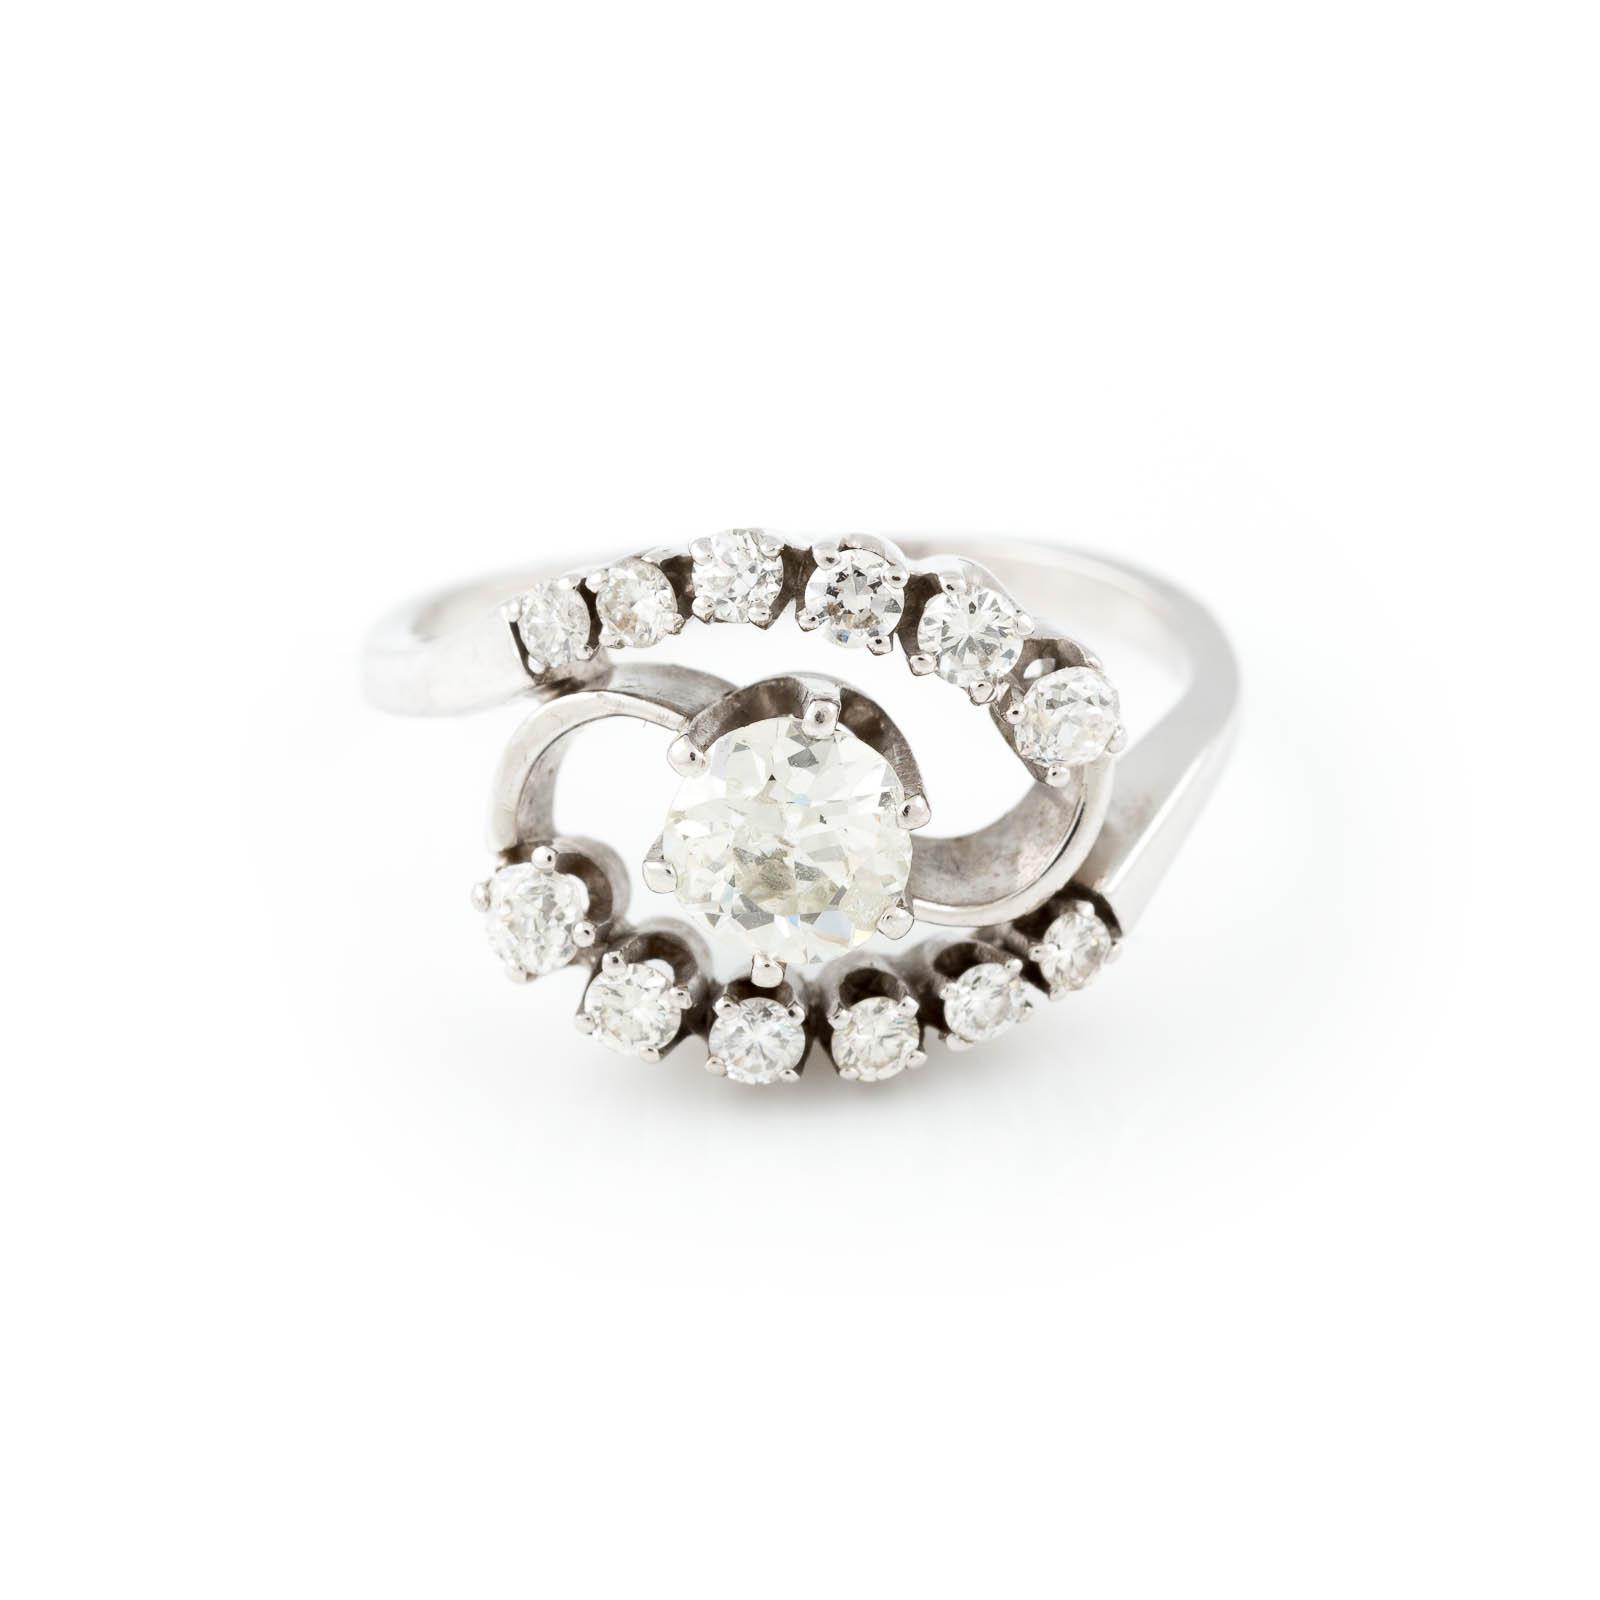 DIAMANT-RING Weißgold. Ringmaß ca. 56, Ges.-Gew. ca. 5,3 g. Gest. 585. Ein Diamant im Altschliff,